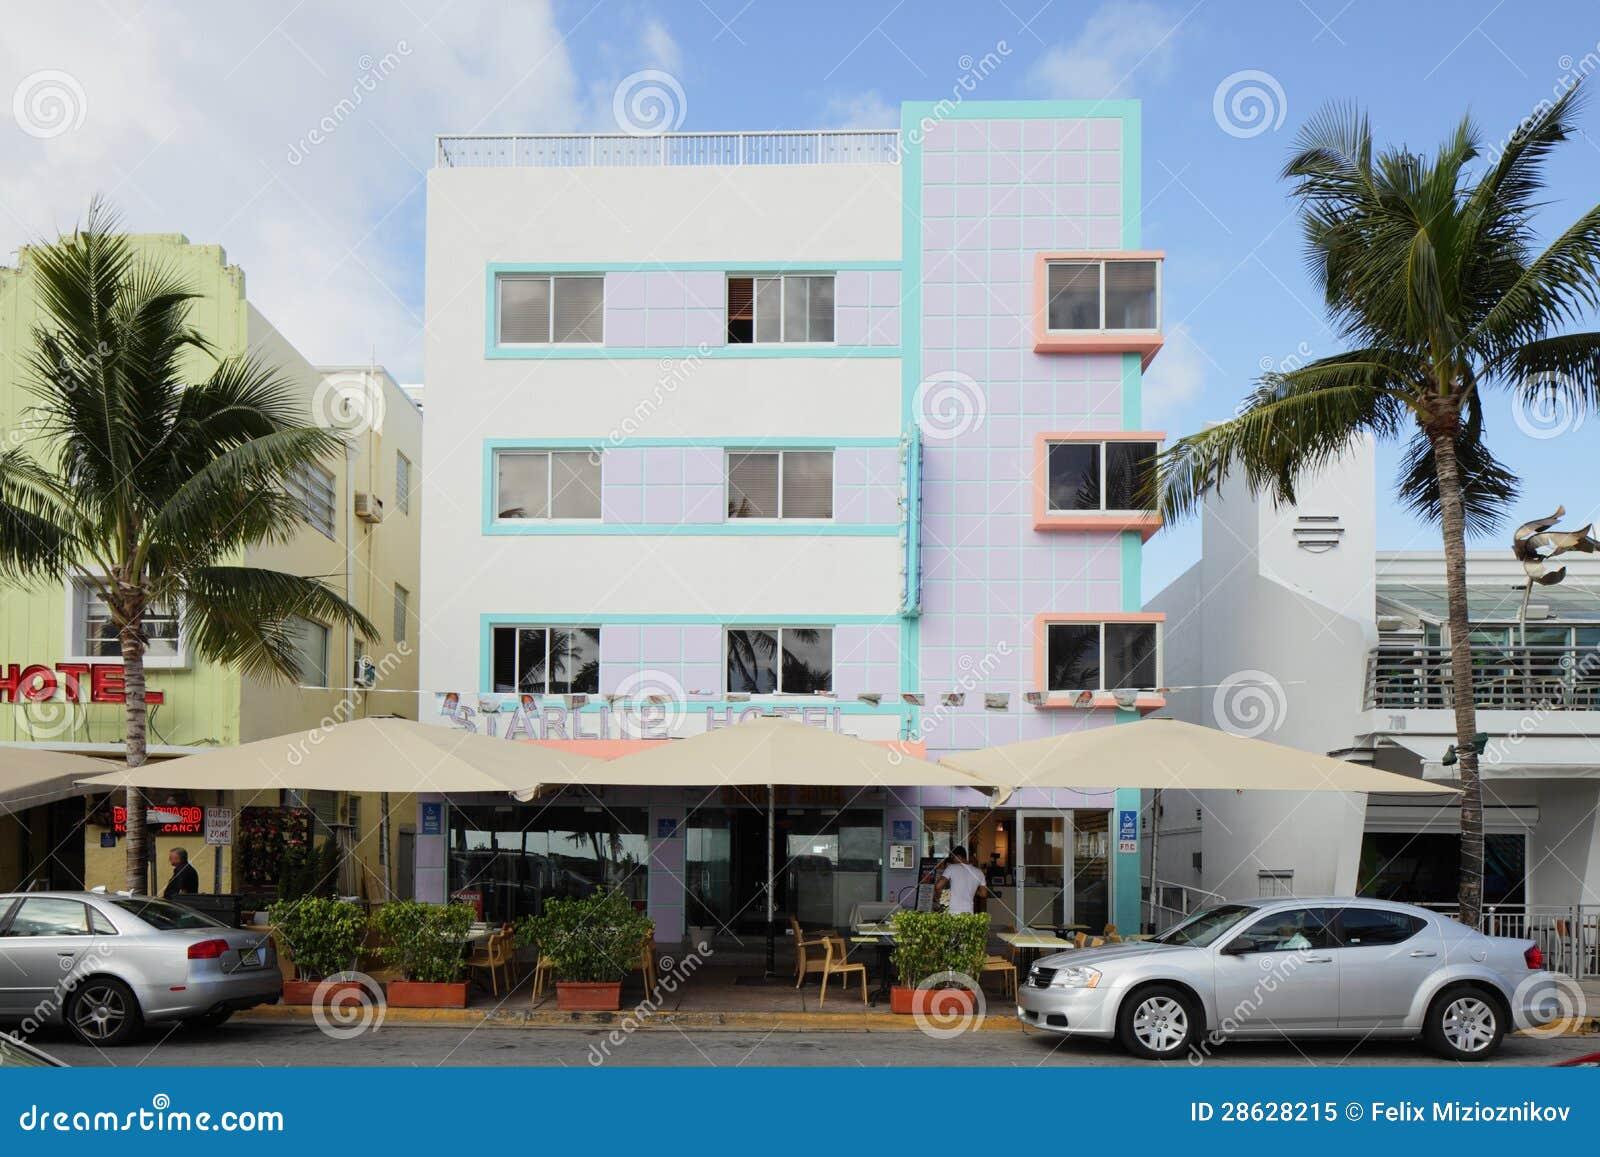 Miami Beach Starlite Hotel